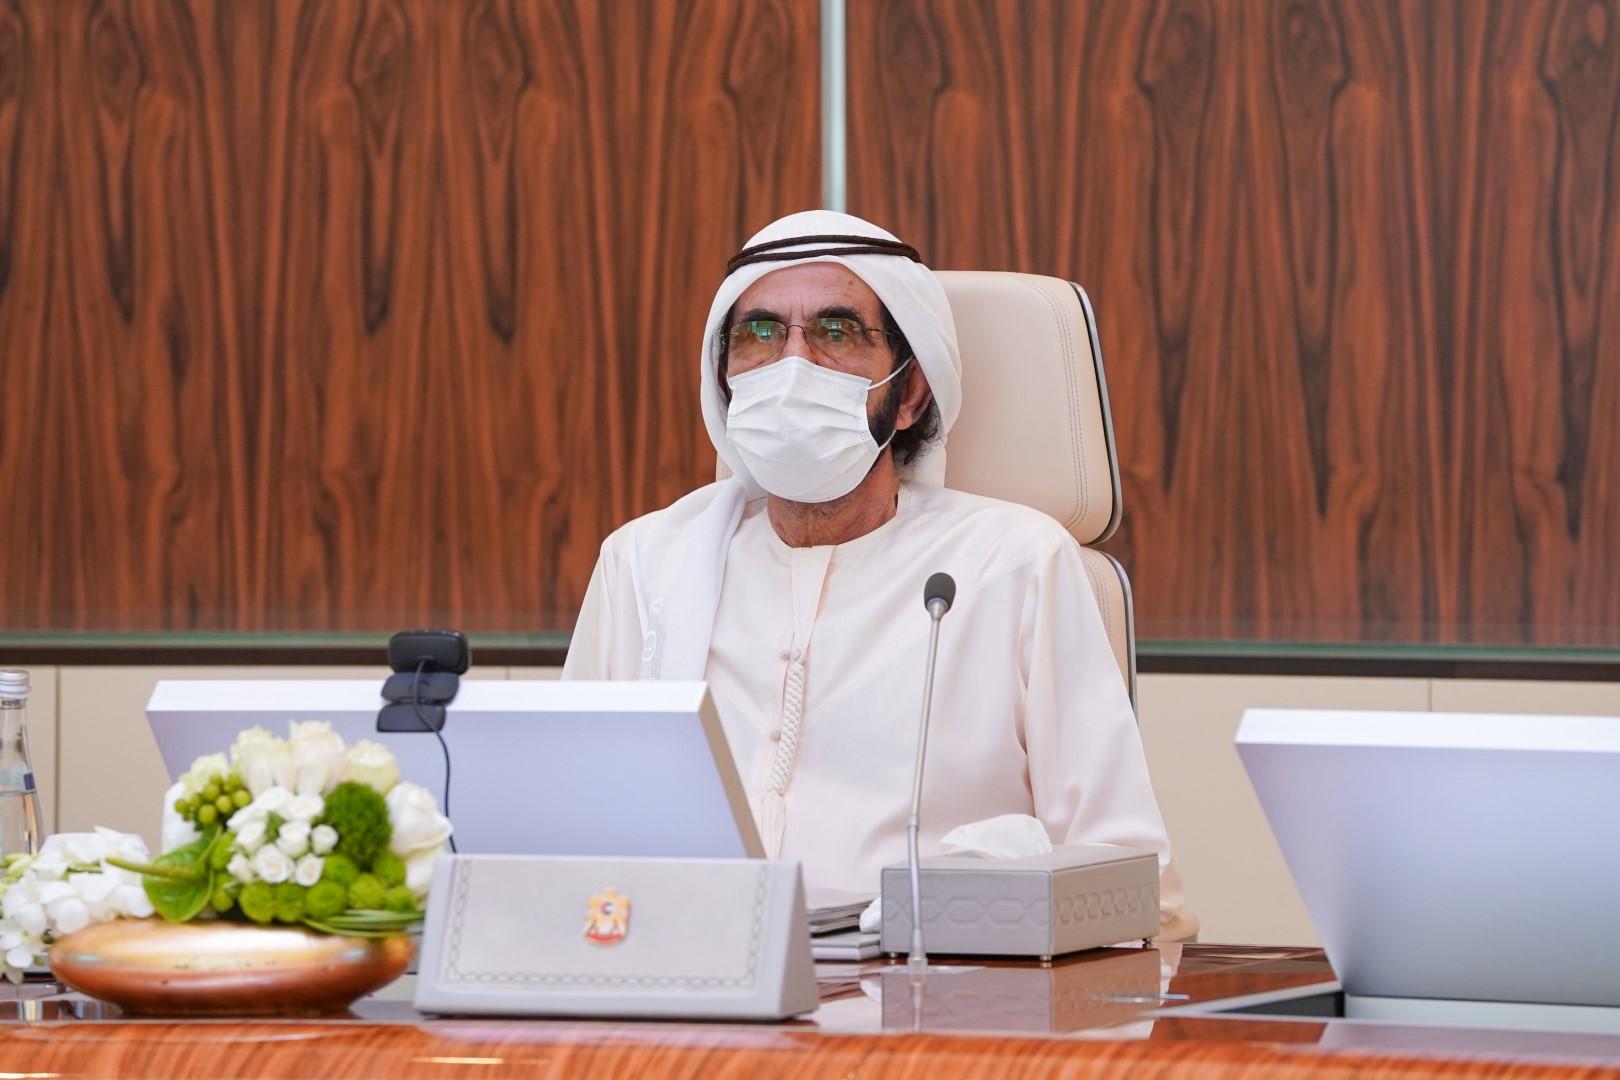 محمد بن راشد يترأس اجتماع مجلس الوزراء ويعتمد 4هياكل تنظيمية جديدة لوزارات اتحادية ويستعرض نتائج تنافسية دولة الإمارات